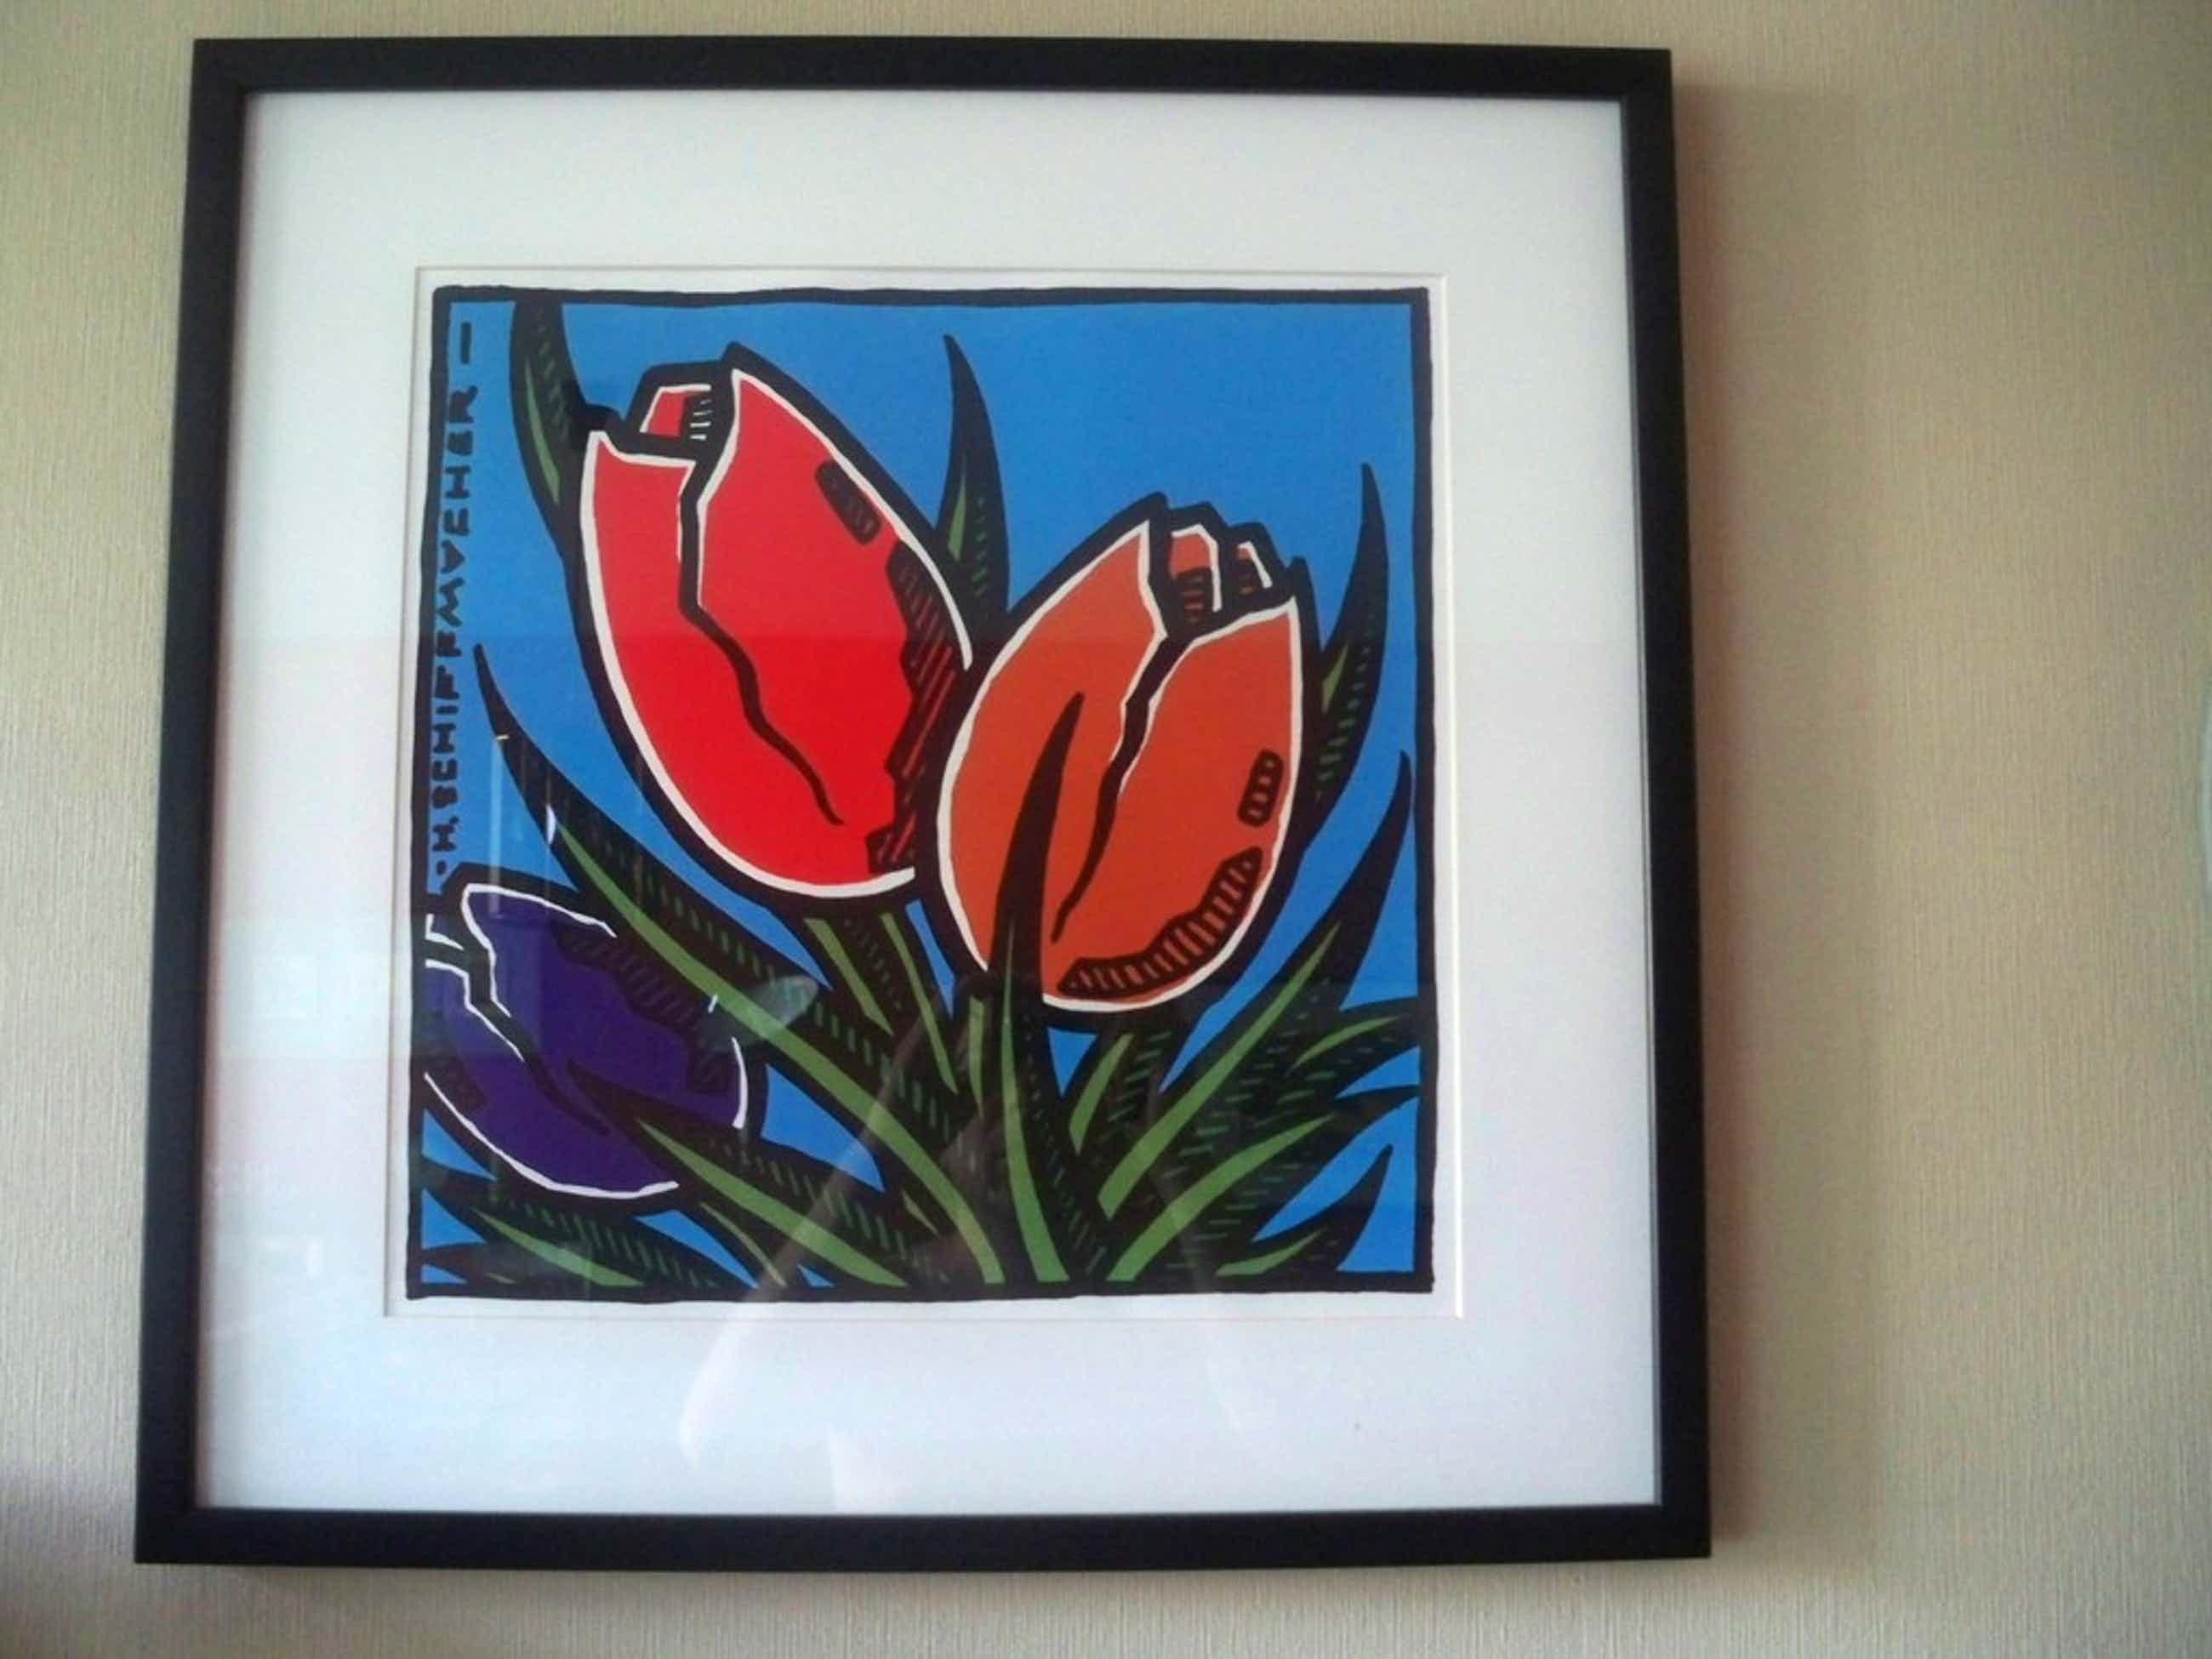 Henk Schiffmacher - zeefdruk Tulpen - 2000 - gesigneerd kopen? Bied vanaf 80!